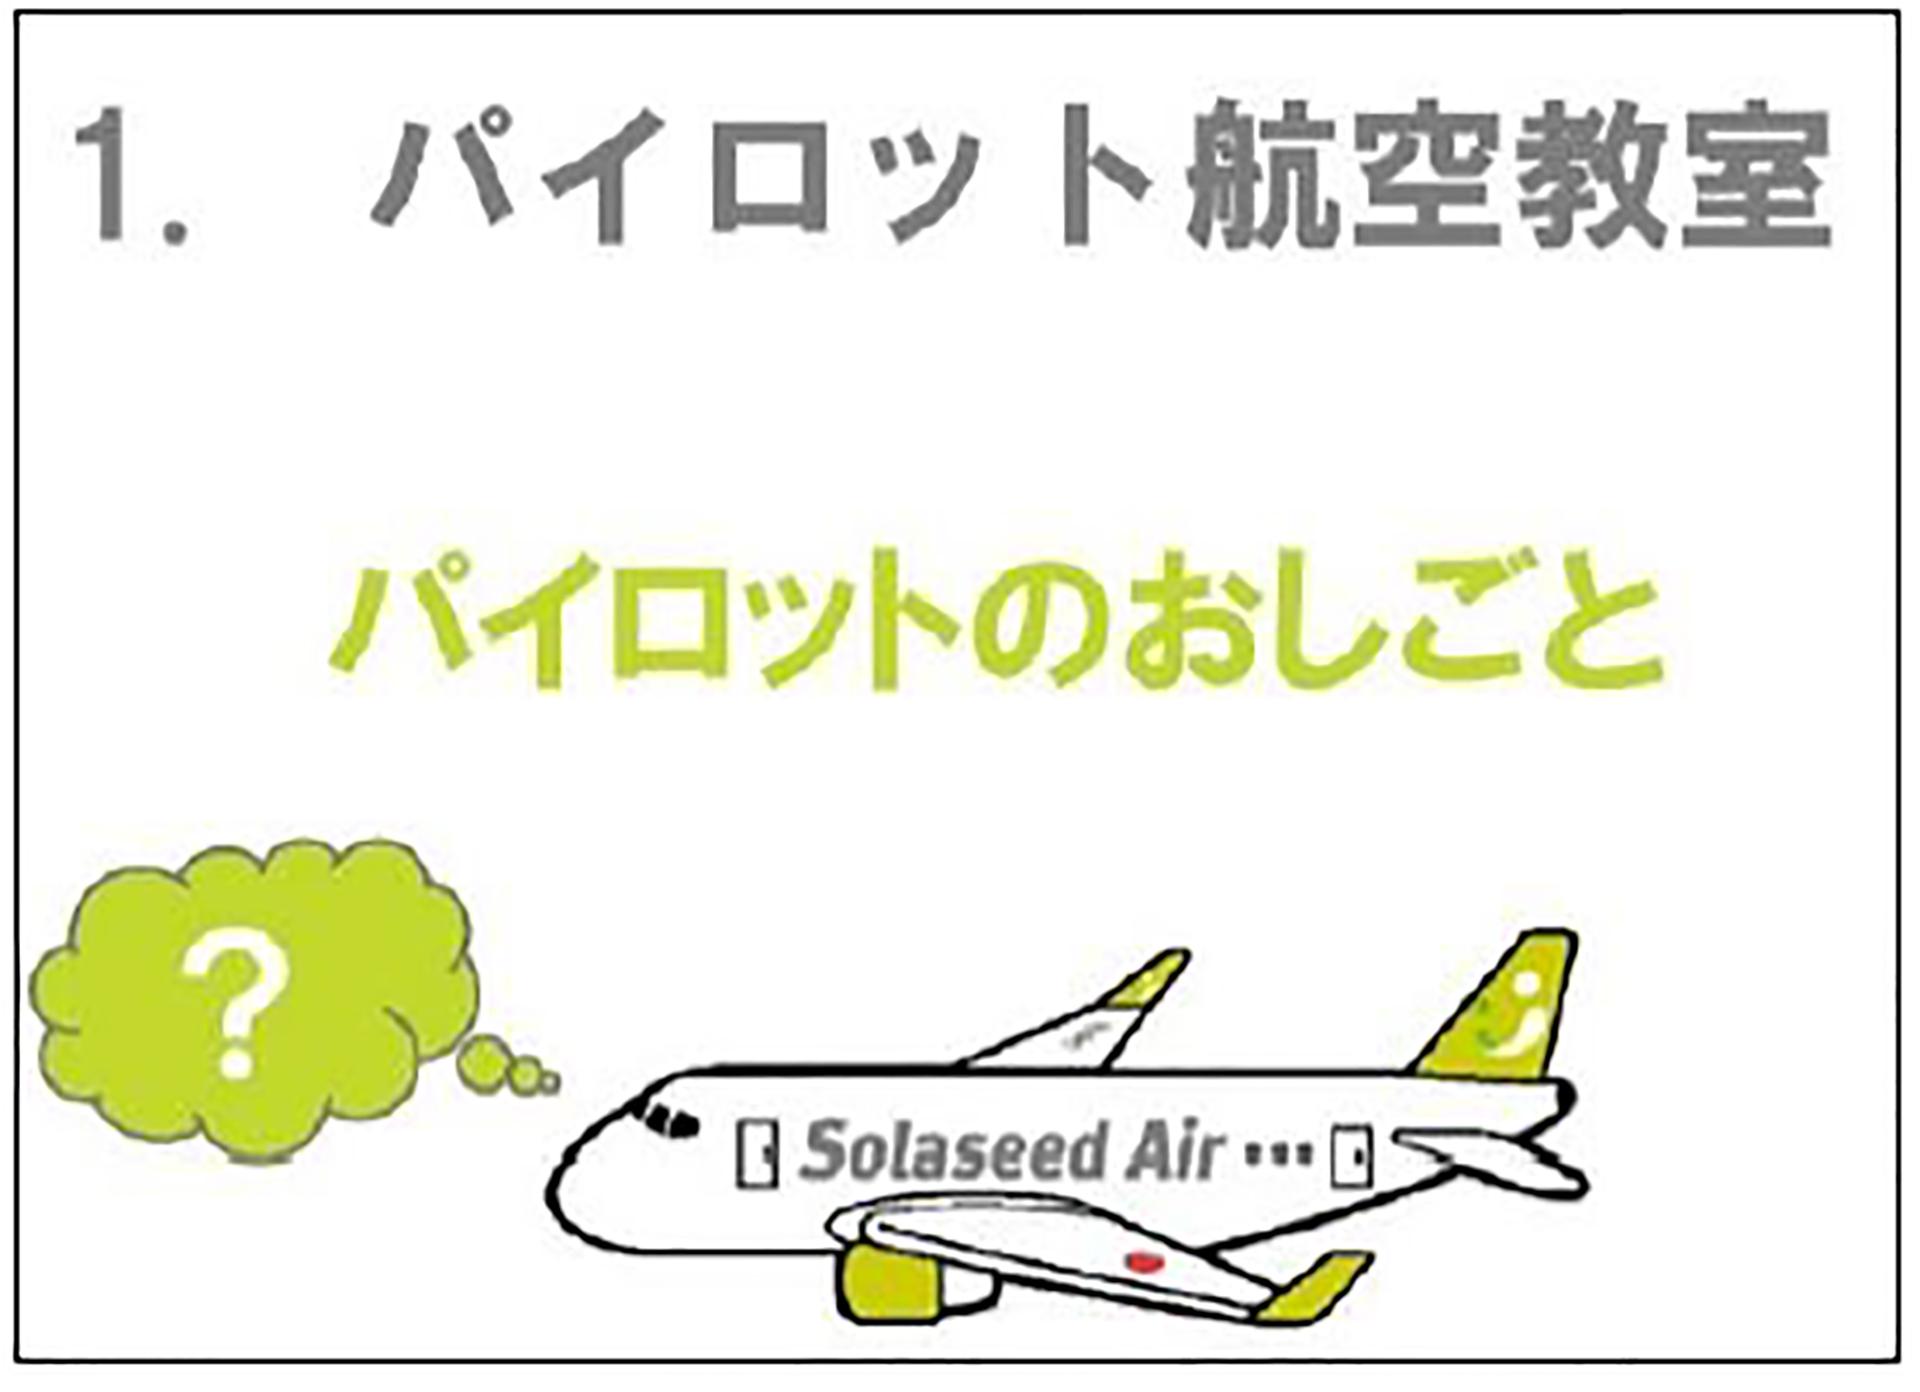 ソラシドエア Presents グリーンスカイフェスタで体験できるパイロット教室